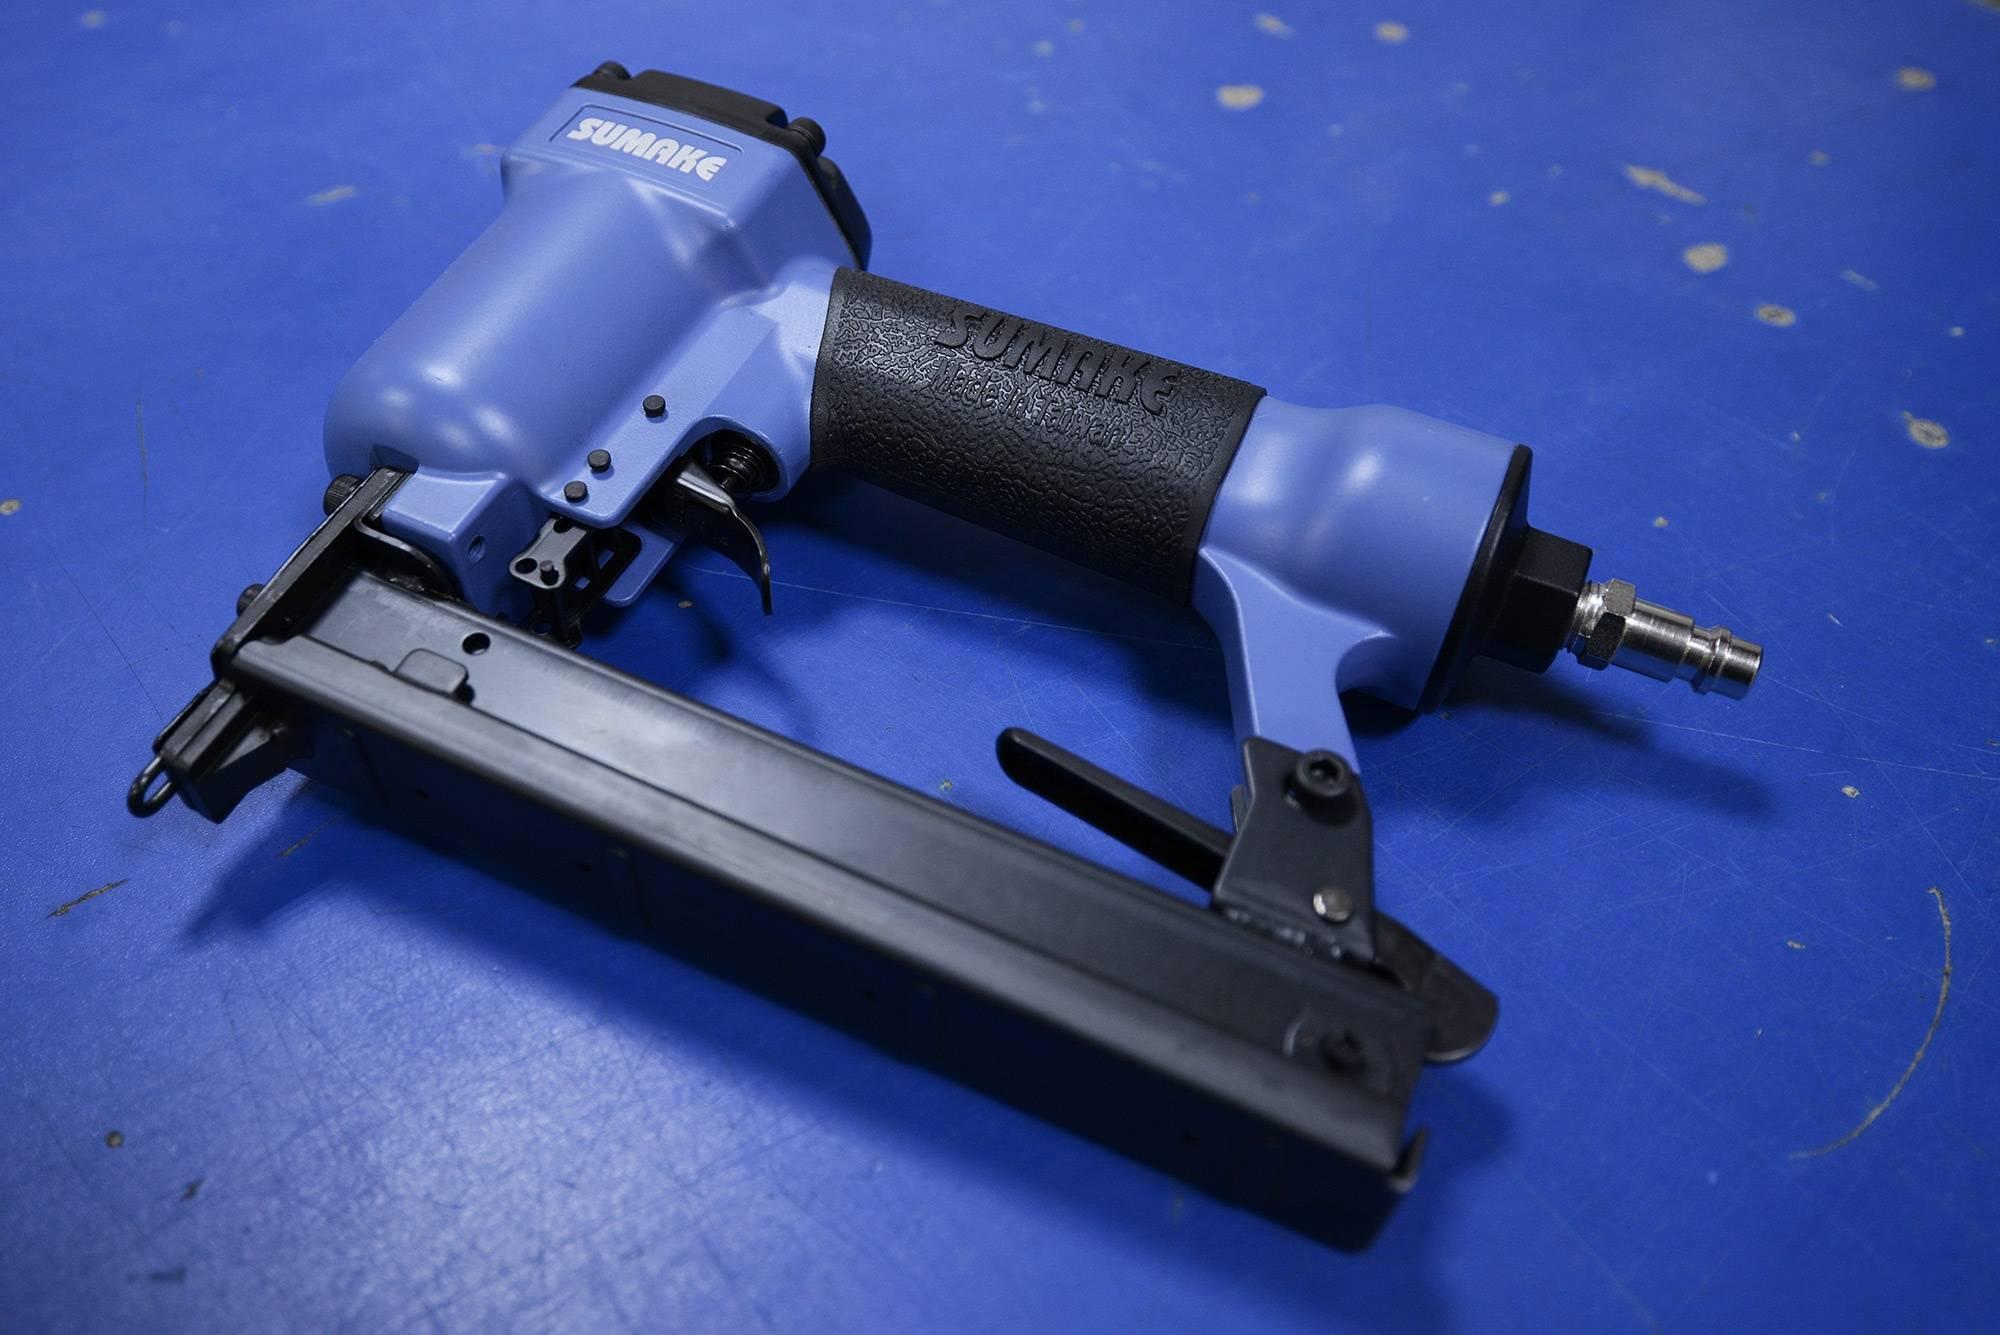 Качественный мебельный степлер: виды и как выбрать, зарядка инструмента, техника безопасности